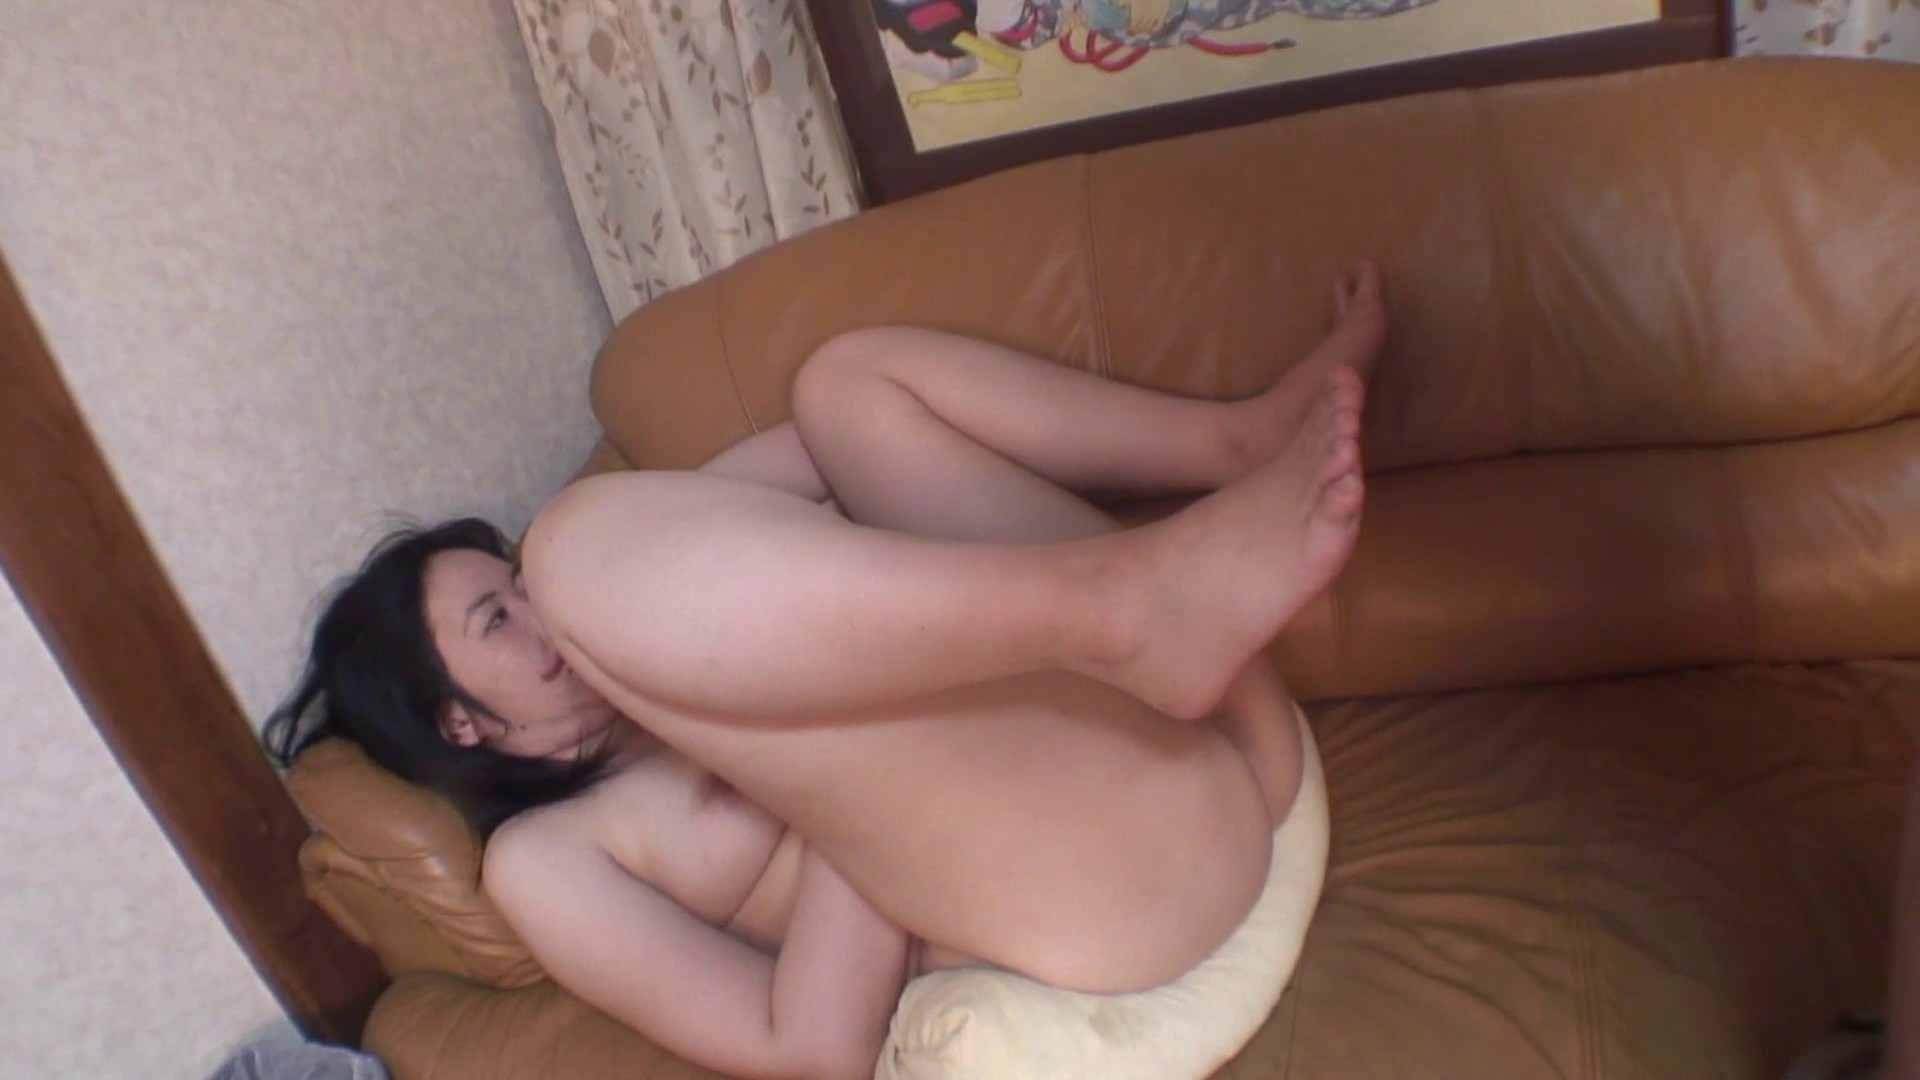 鬼才沖本監督 ドSな女 セックス  78PIX 70